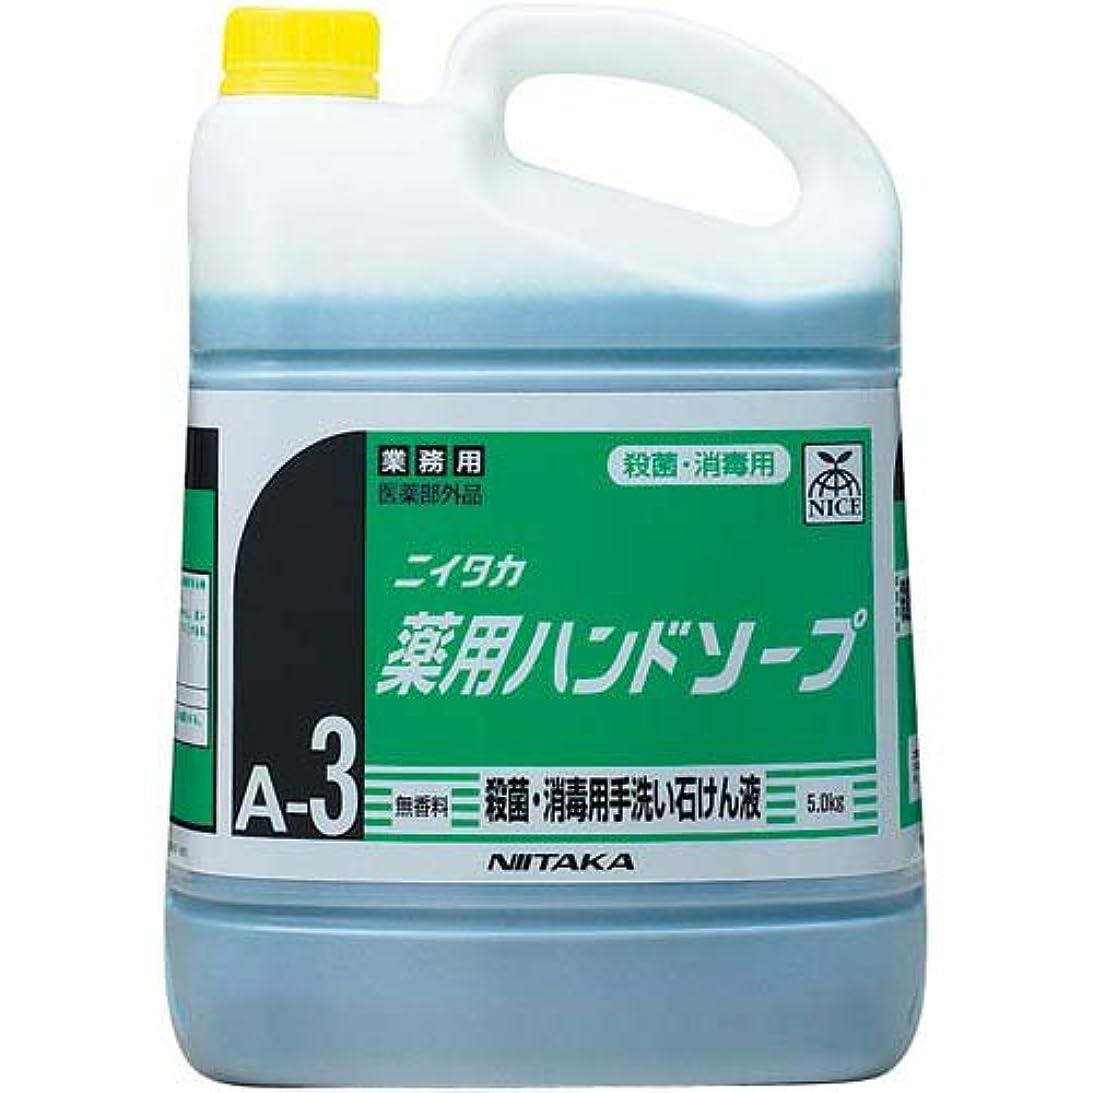 シュガー洗う初心者ニイタカ 薬用ハンドソープ 5kg×3本